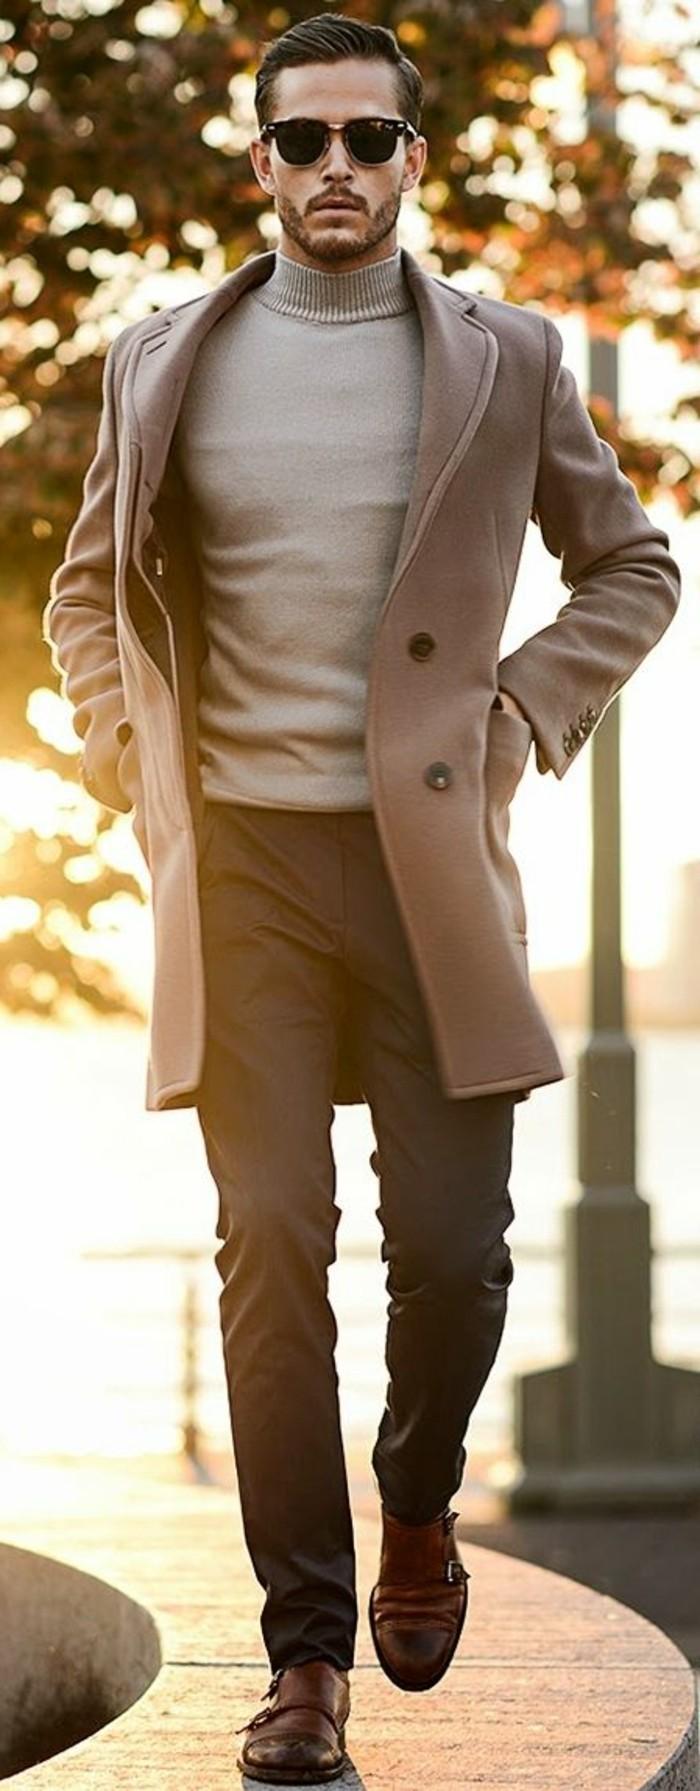 style-vestimentaire-homme-coupe-de-cheveux-stylé-homme-tenue-décontractée